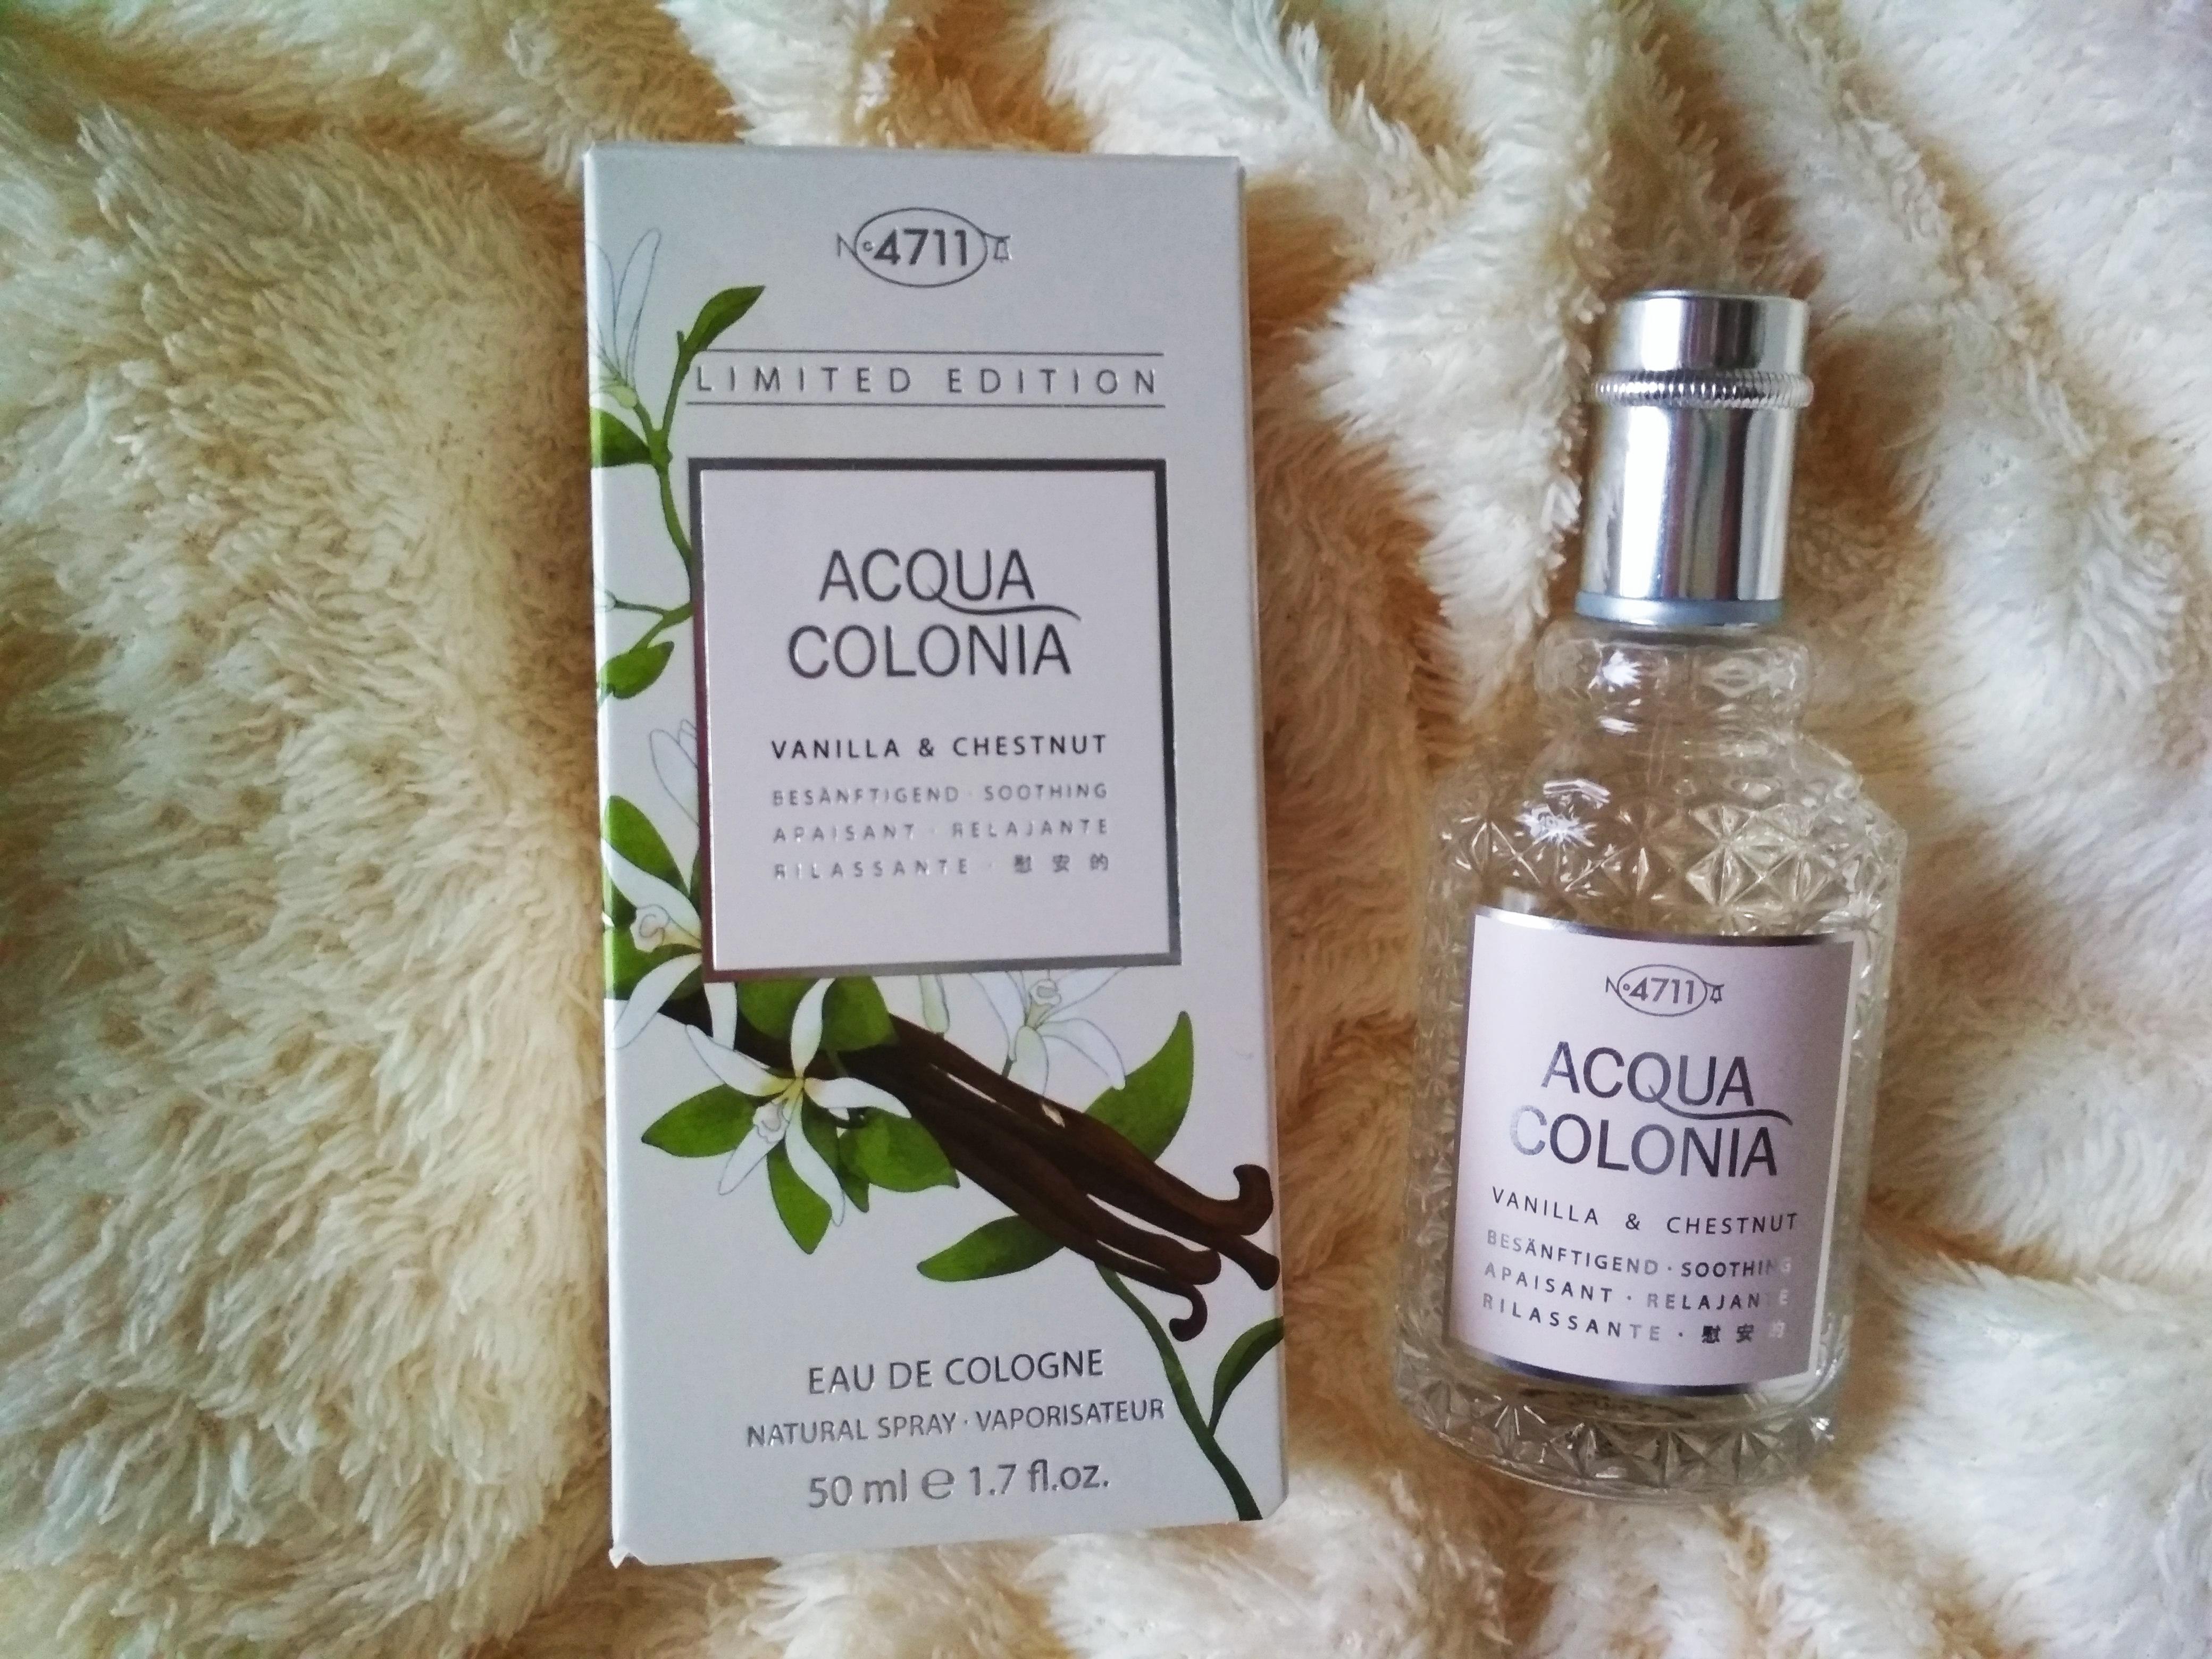 4711 Acqua Colonia Vanilla&Chestnut